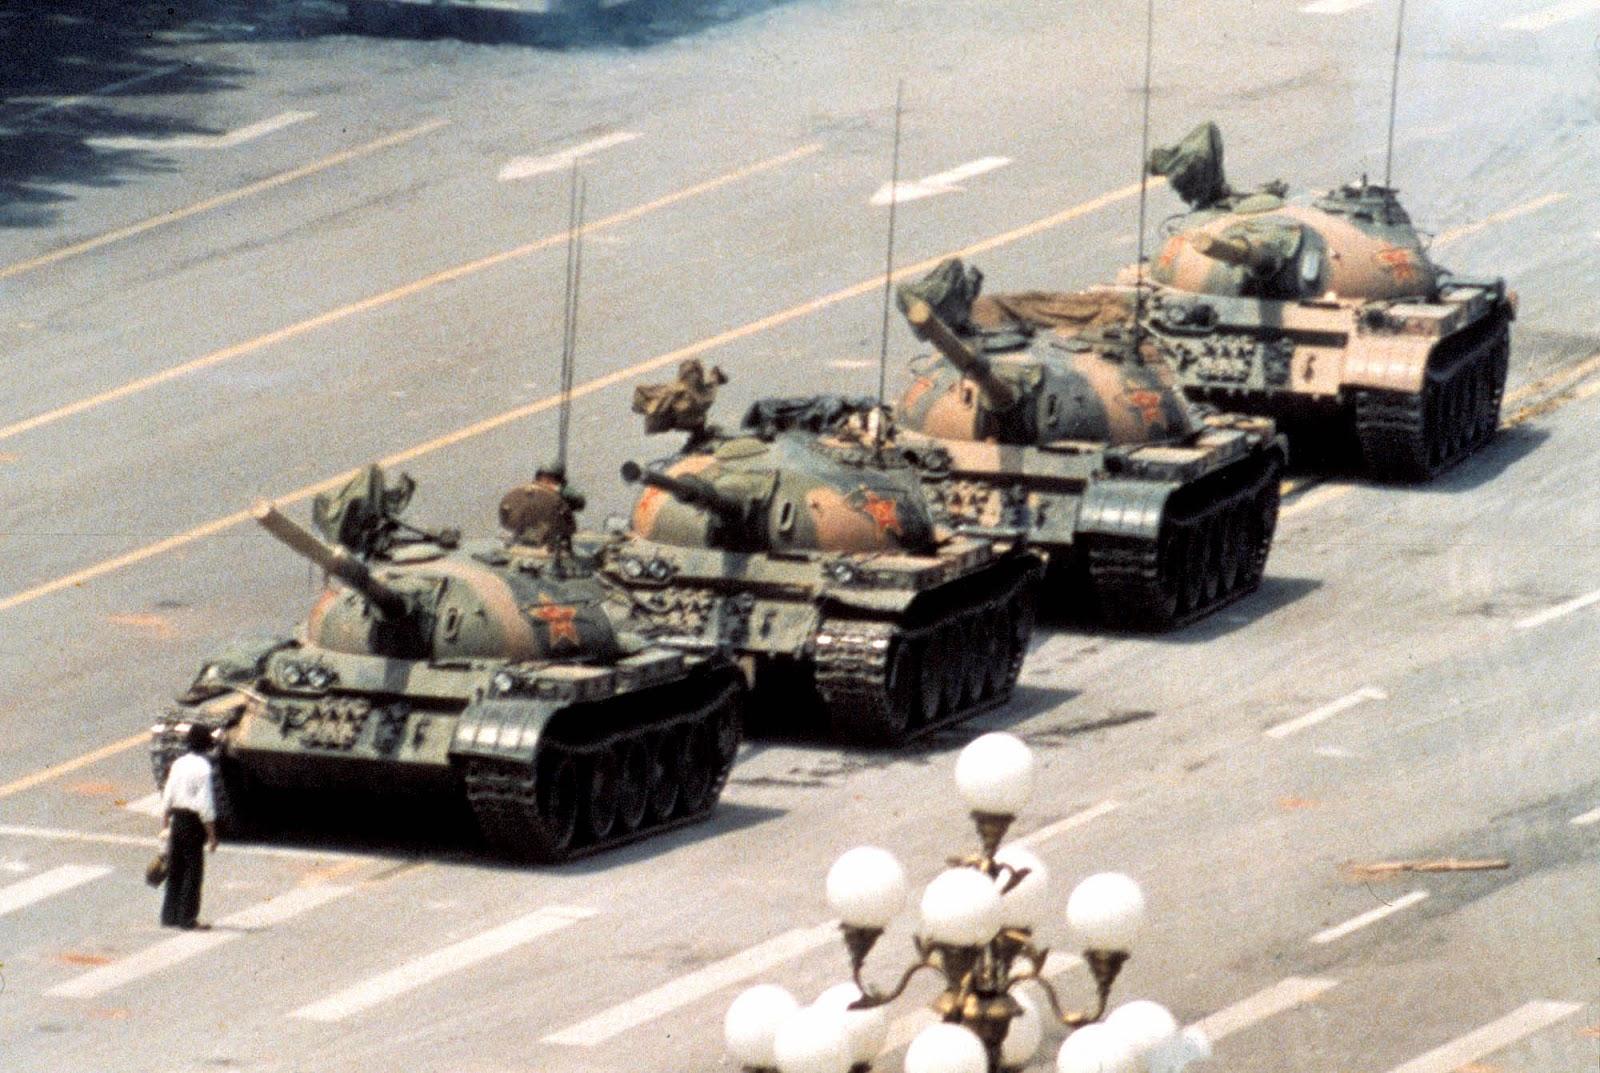 http://1.bp.blogspot.com/-5heQJNXtdmA/TmHmOWdve-I/AAAAAAAALYA/1sut9ILd4S0/s1600/tiananmen-tank-man.jpg